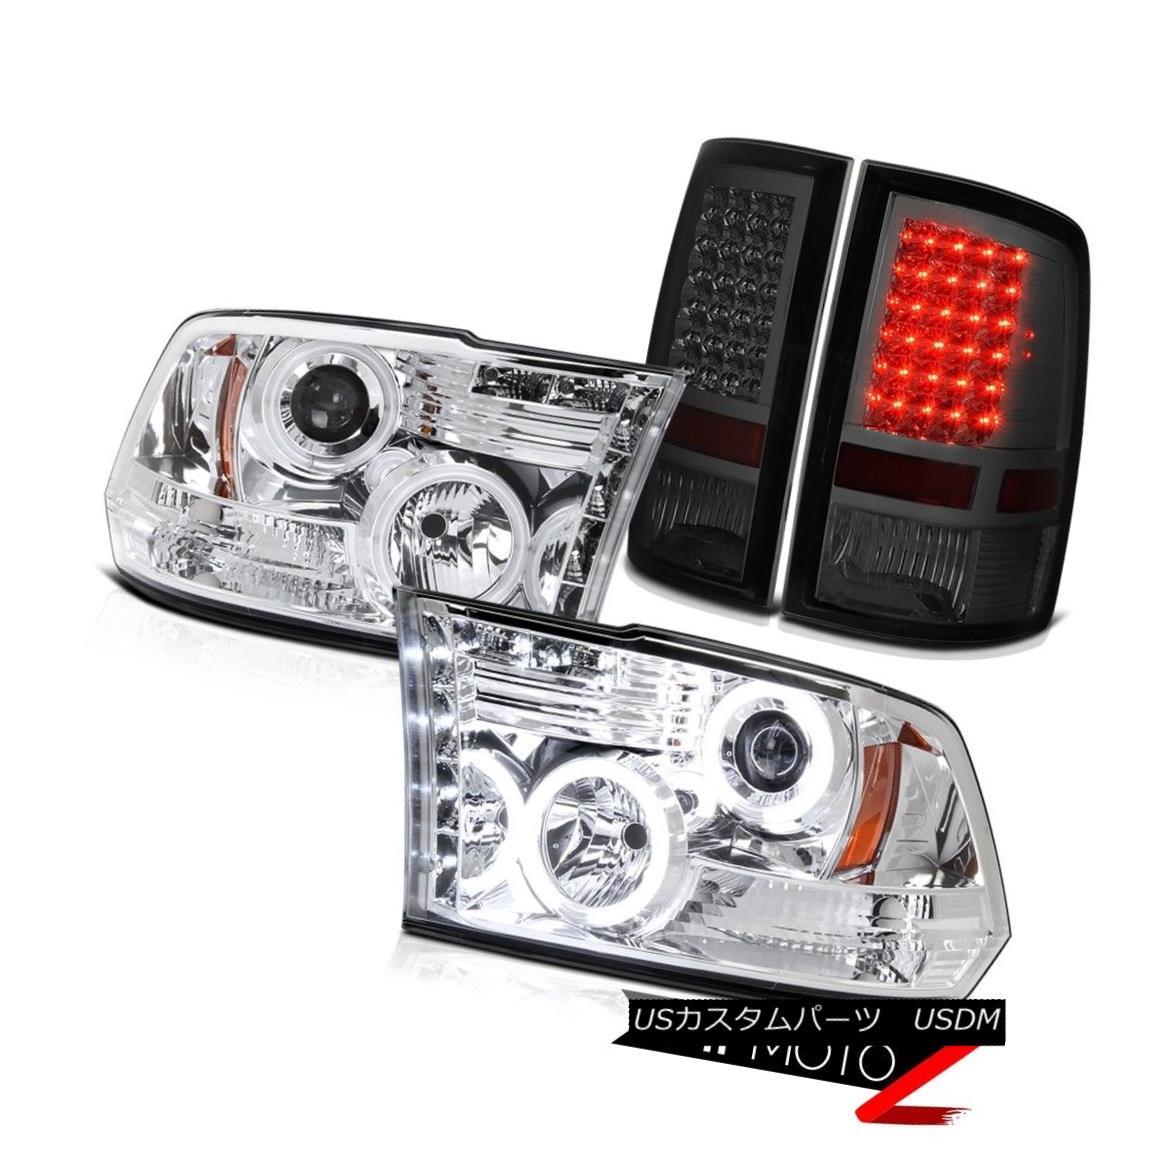 テールライト CCFL DRL Halo Projector Headlights LED Smoke Rear Brake Lamp 2009-2018 Dodge Ram CCFL DRLハロープロジェクターヘッドライトLEDスモークリアブレーキランプ2009-2018 Dodge Ram